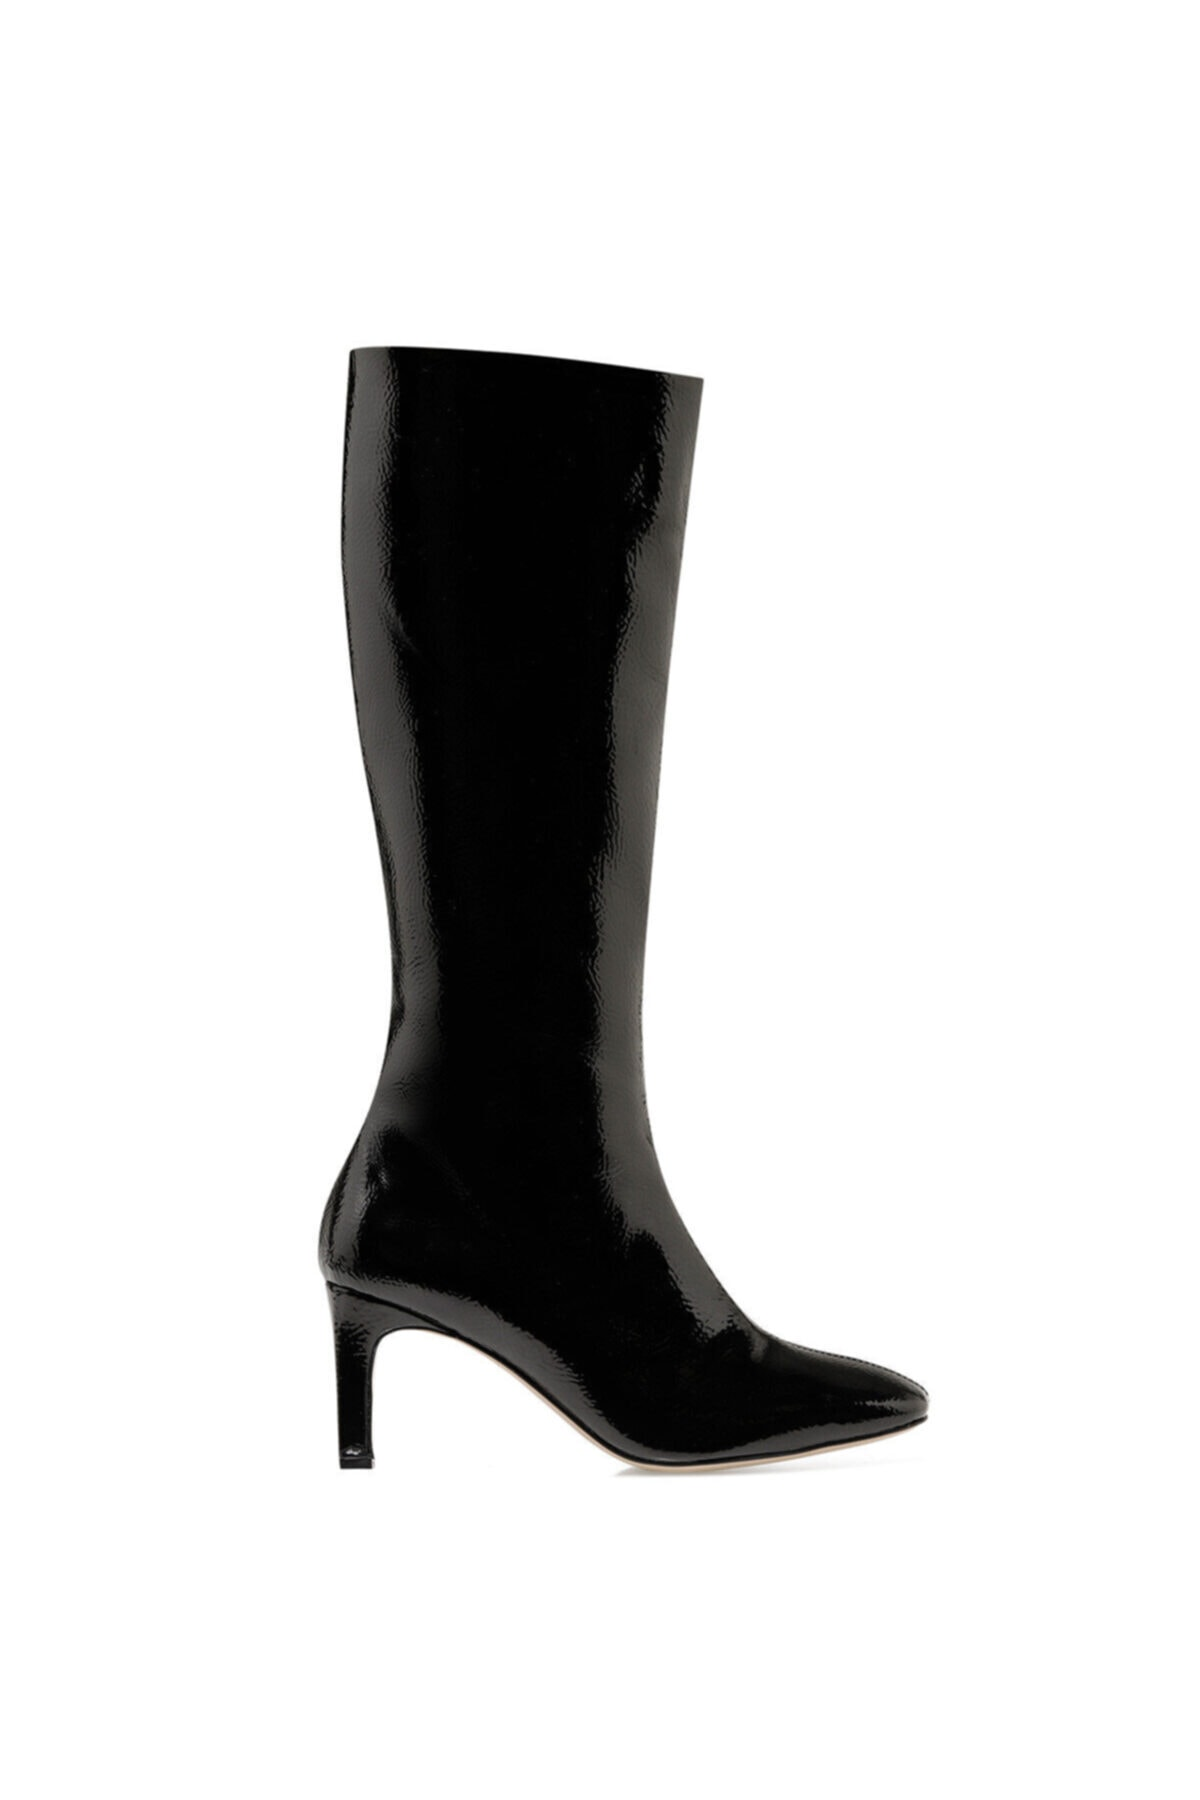 LAROSA Siyah Kadın Ökçeli Çizme 100581995